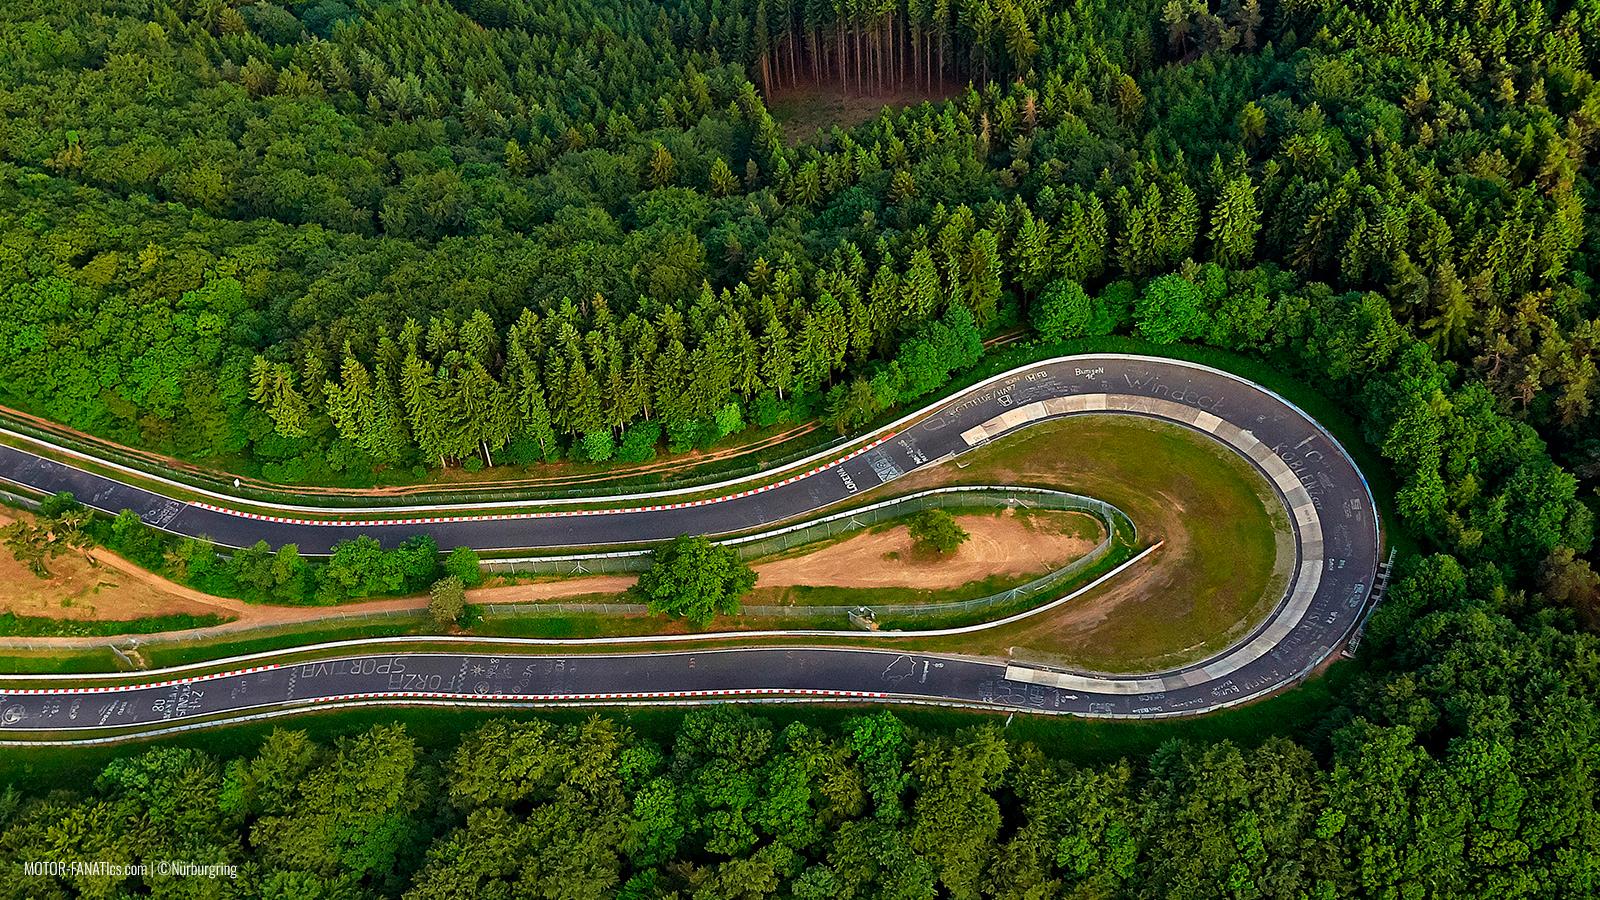 Nurburgring-Nordschleife-Karussell